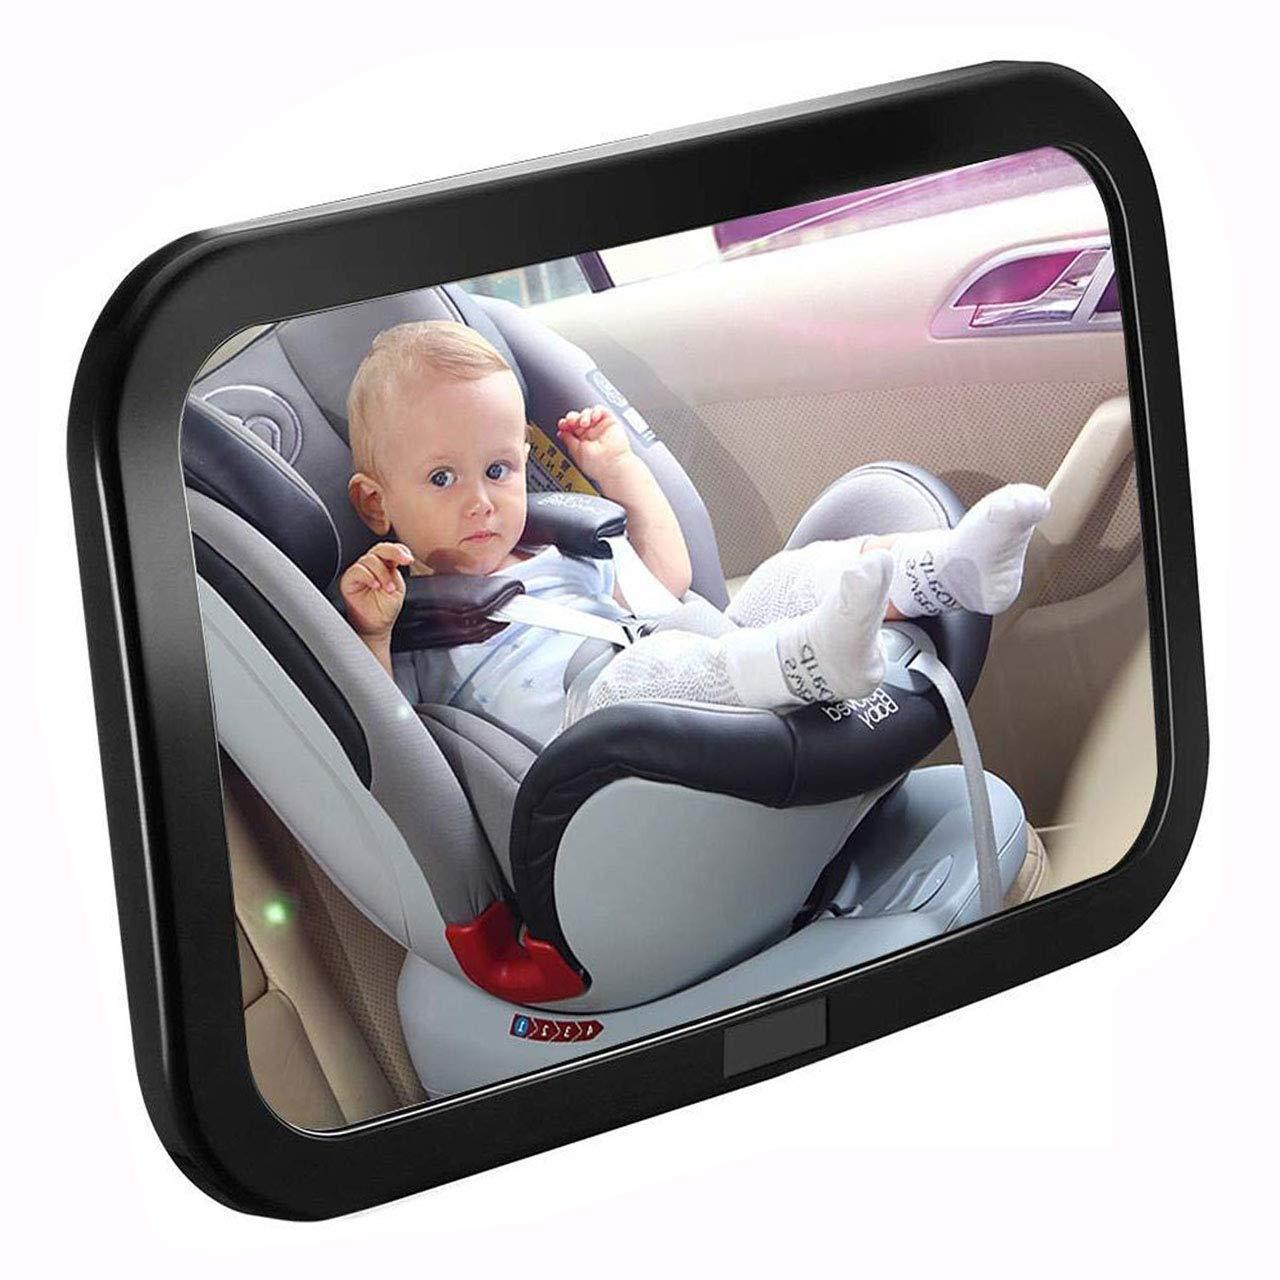 Bever Espejo Retrovisor Coche de Bebé para Vigilar al Bebé en Coche, 360° Ajustable Irrompible Interior Espejo para Silla Trasera, Espejo Coche Bebe Asientos de Niños Orientados hacia Atrás